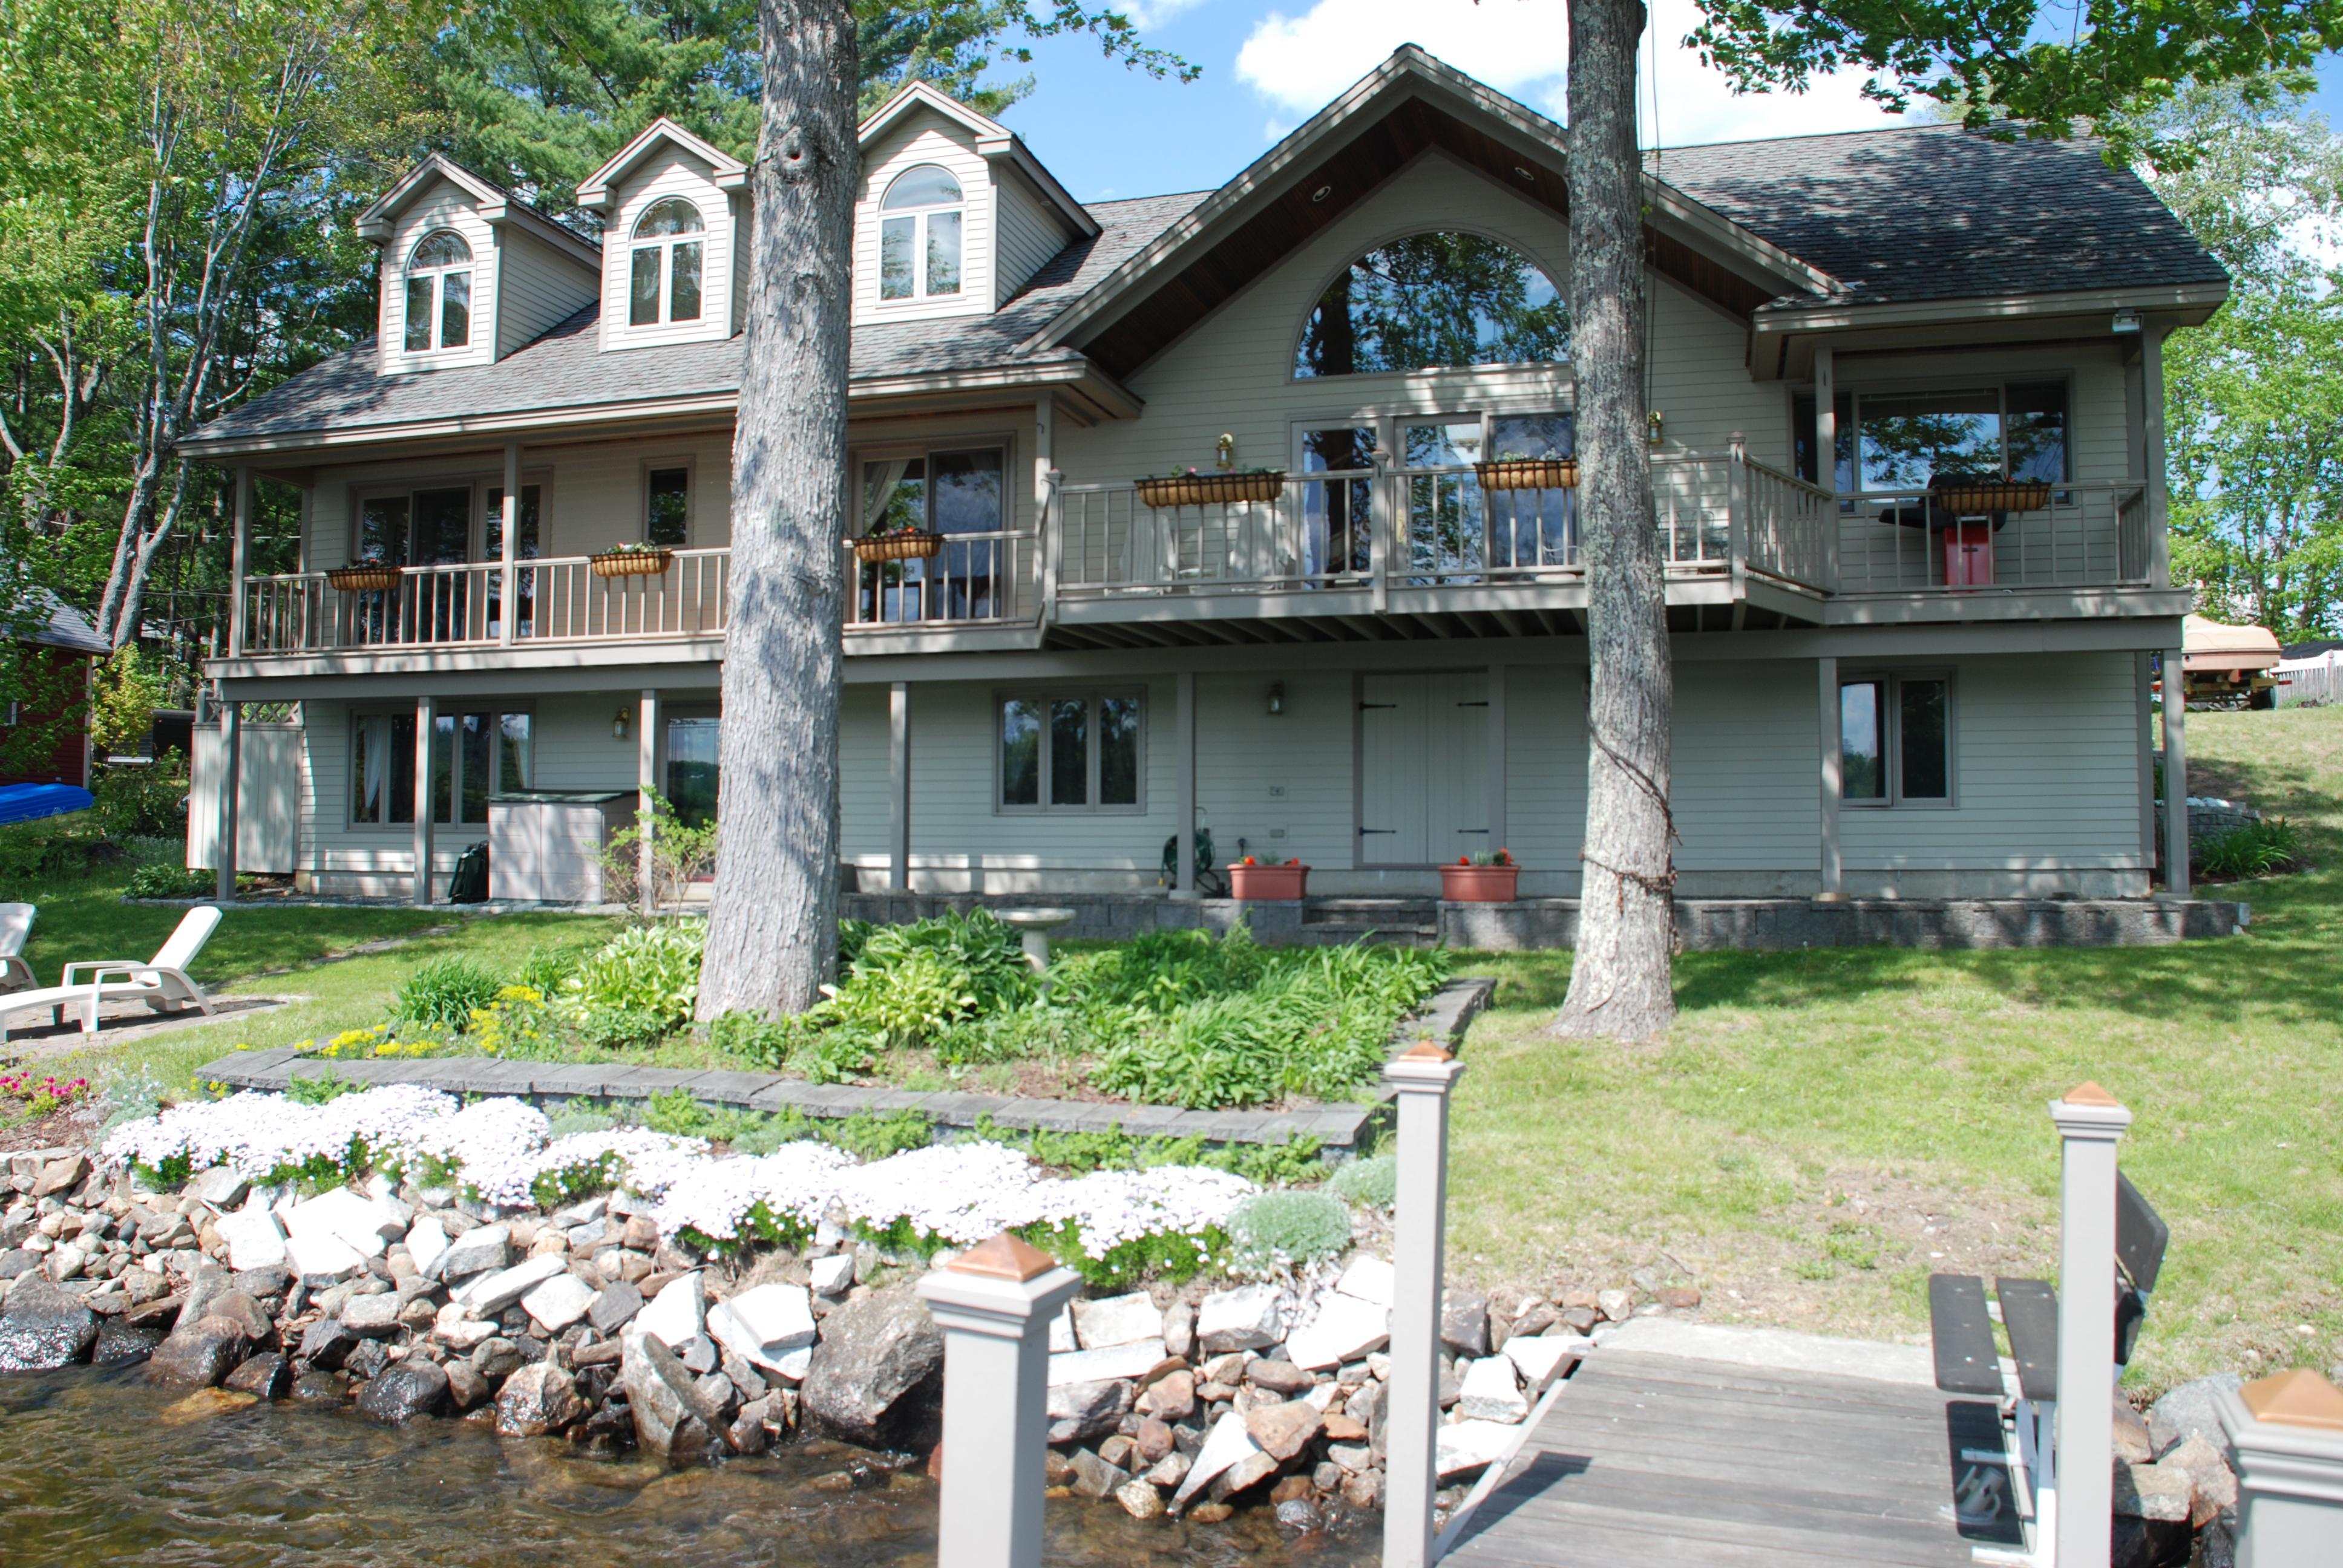 Tek Ailelik Ev için Satış at 36 Third Lane, Andover 36 Third Ln Andover, New Hampshire, 03216 Amerika Birleşik Devletleri